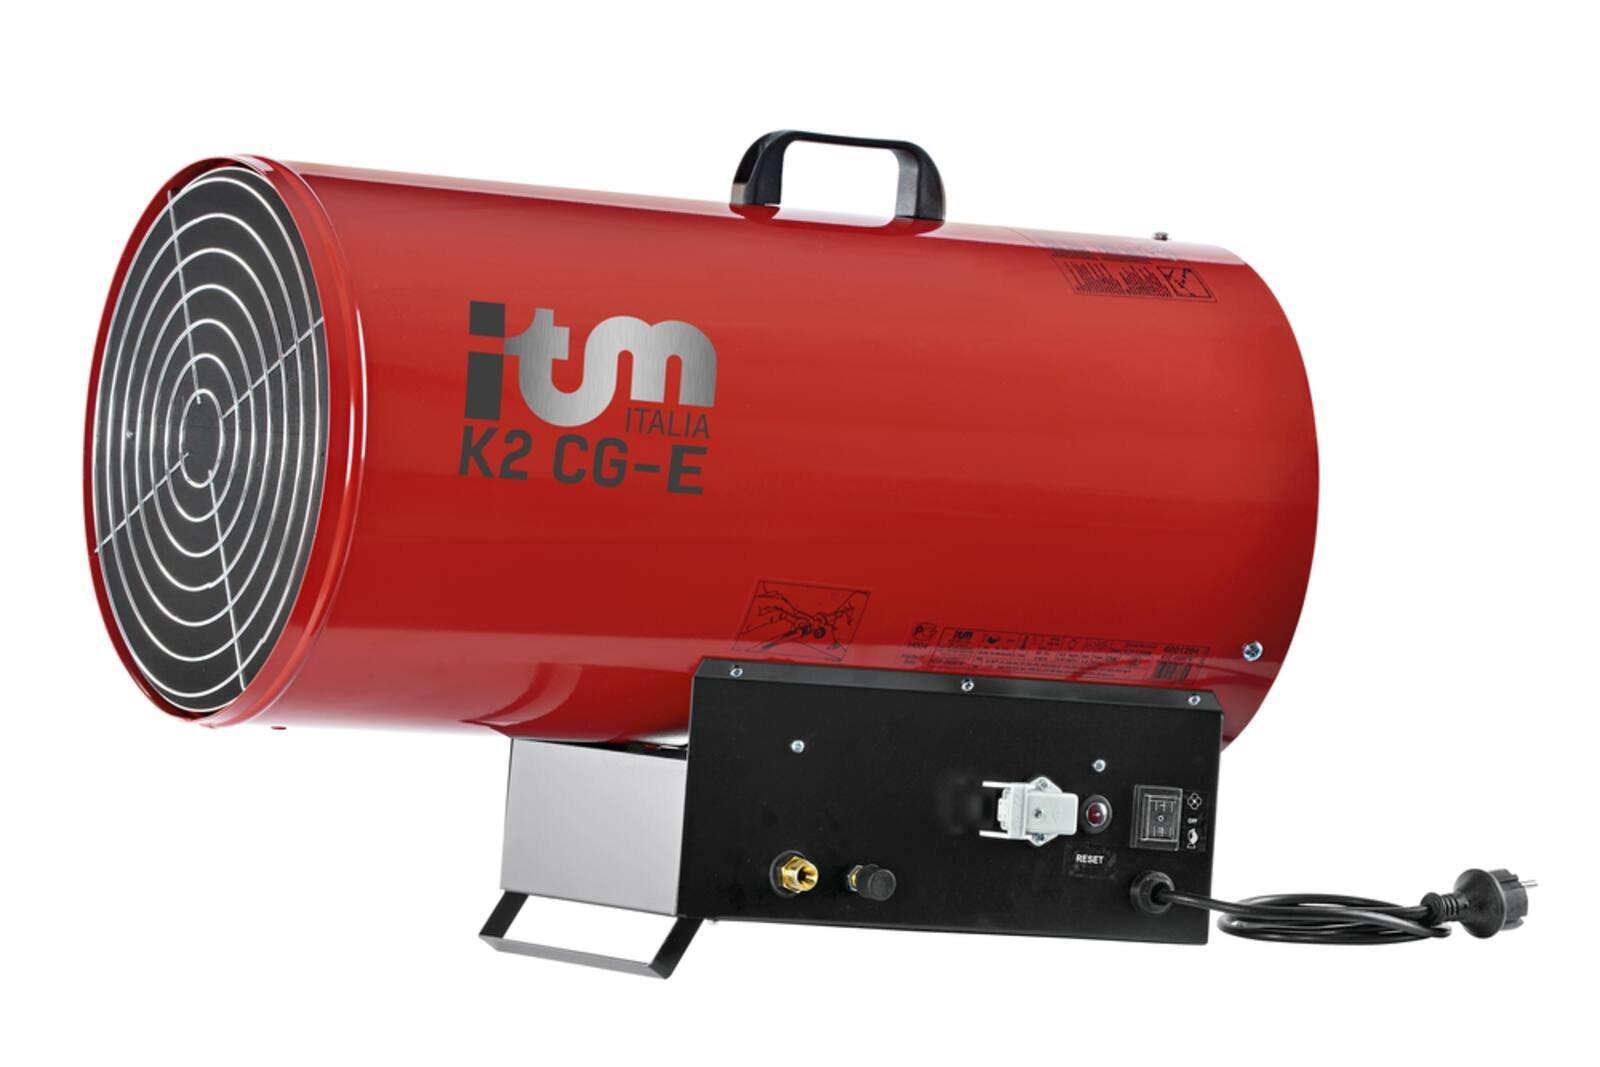 Chauffage GAZ Électronique K2 CG-E 600